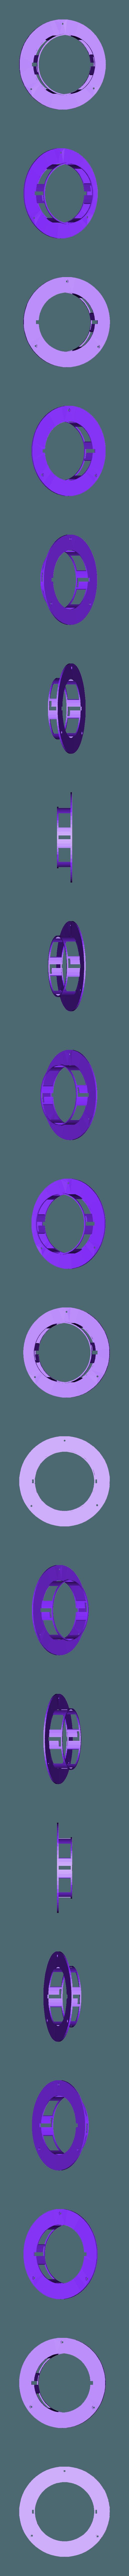 Home_Mini_Mount_Outer.stl Télécharger fichier STL gratuit Google Home Mini Plafond Mont Epais Anneaux • Design à imprimer en 3D, crisonescu